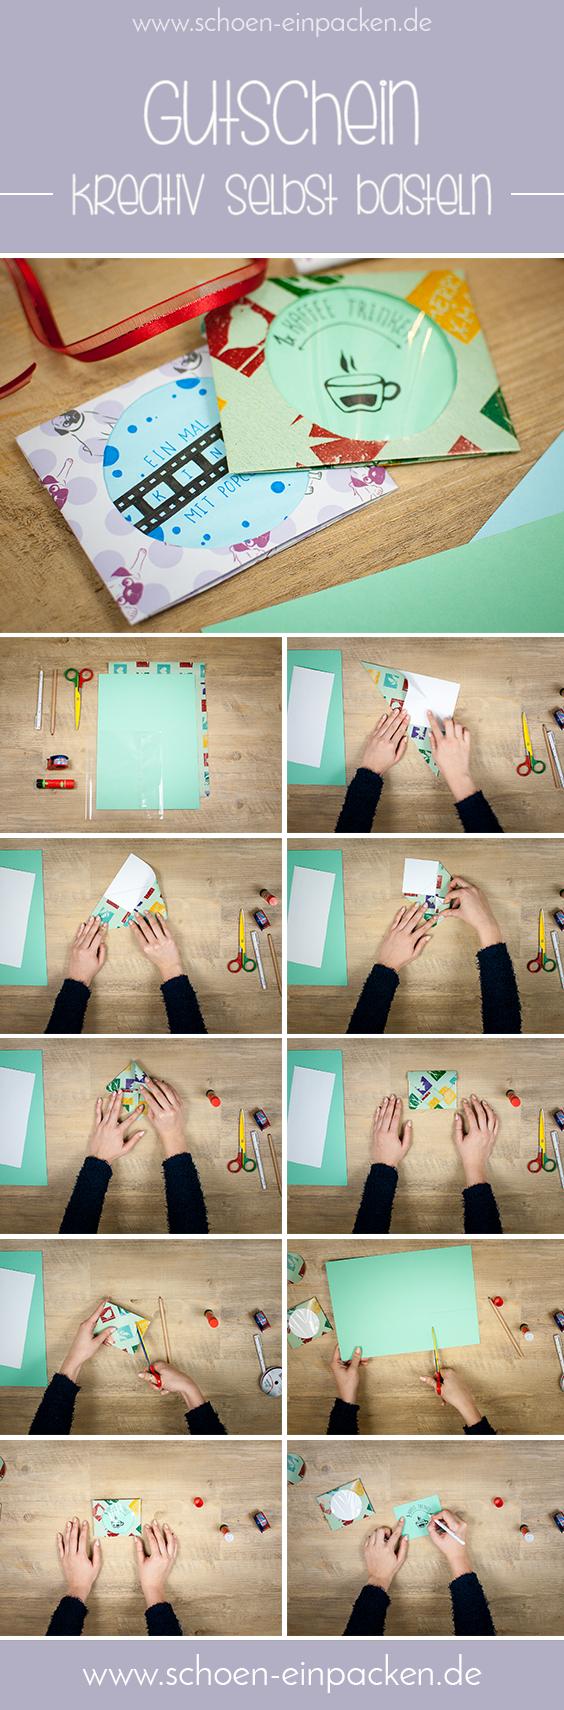 kreativen Gutschein basteln ganz einfach eine tolle Verpackungsidee! #gutscheinbasteln